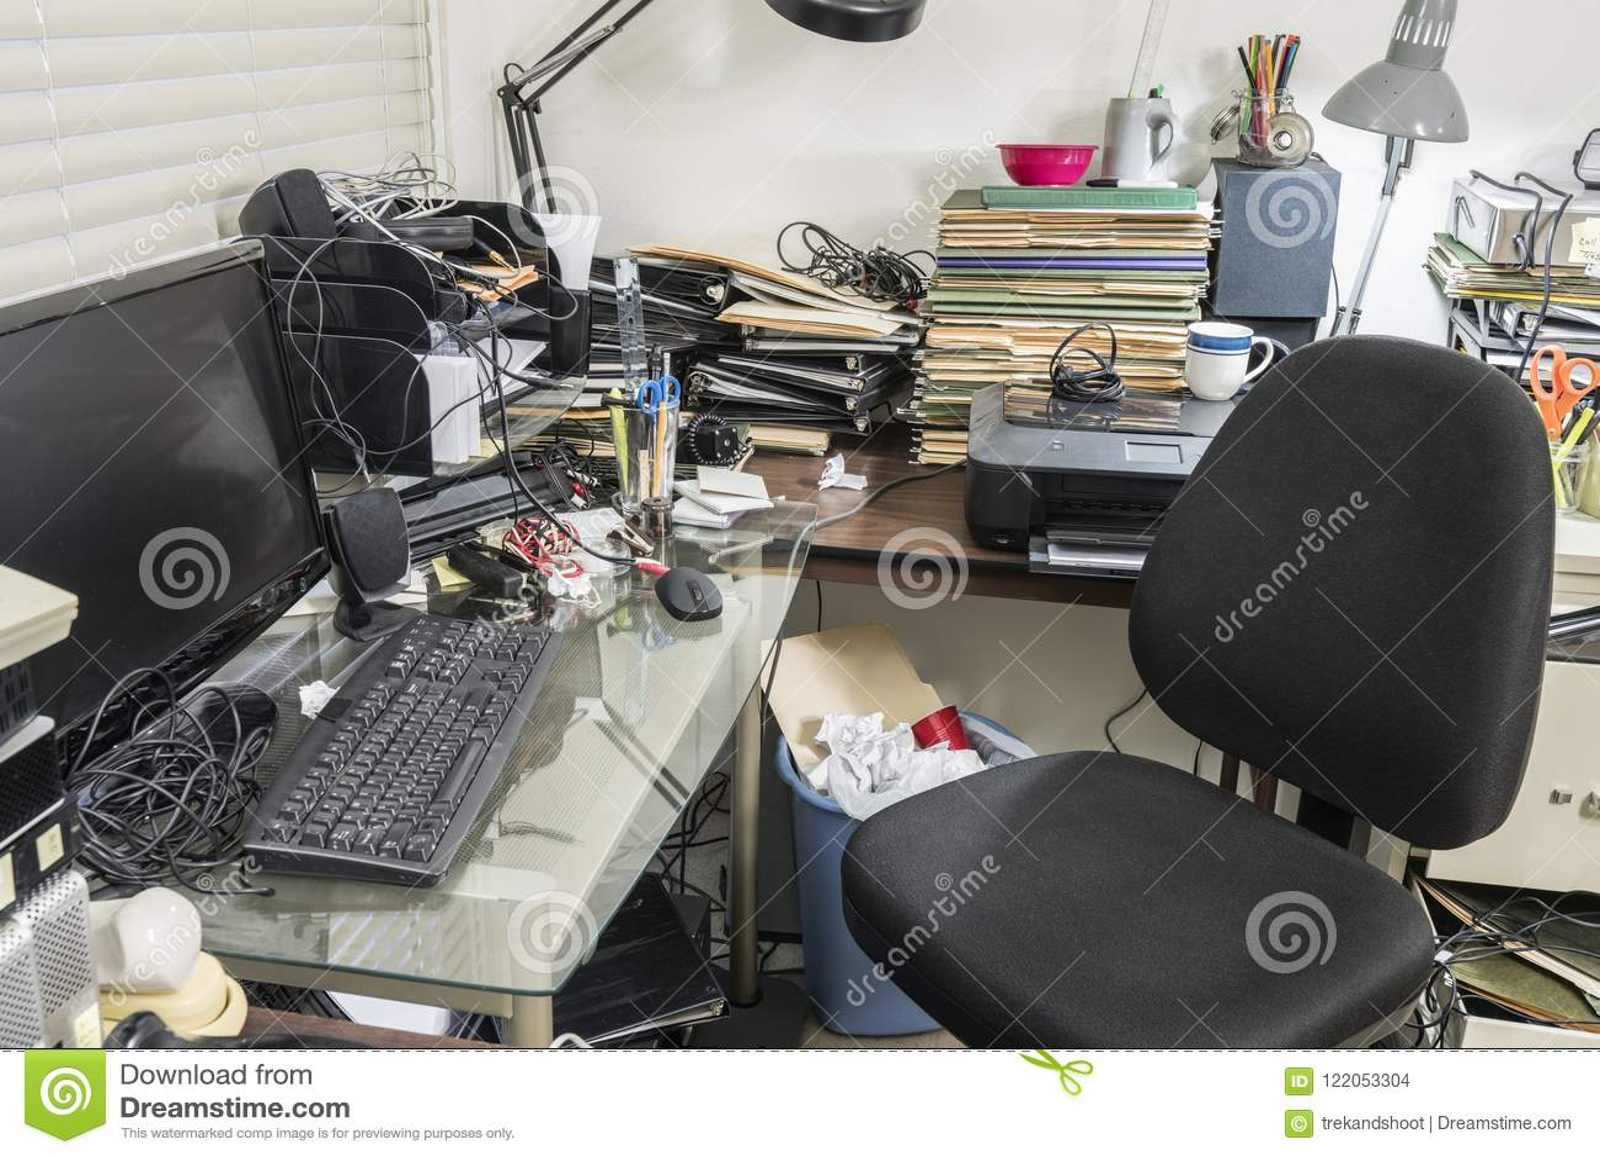 Biuro z Upaćkanym biurkiem Pełno kartoteki i zagracenie